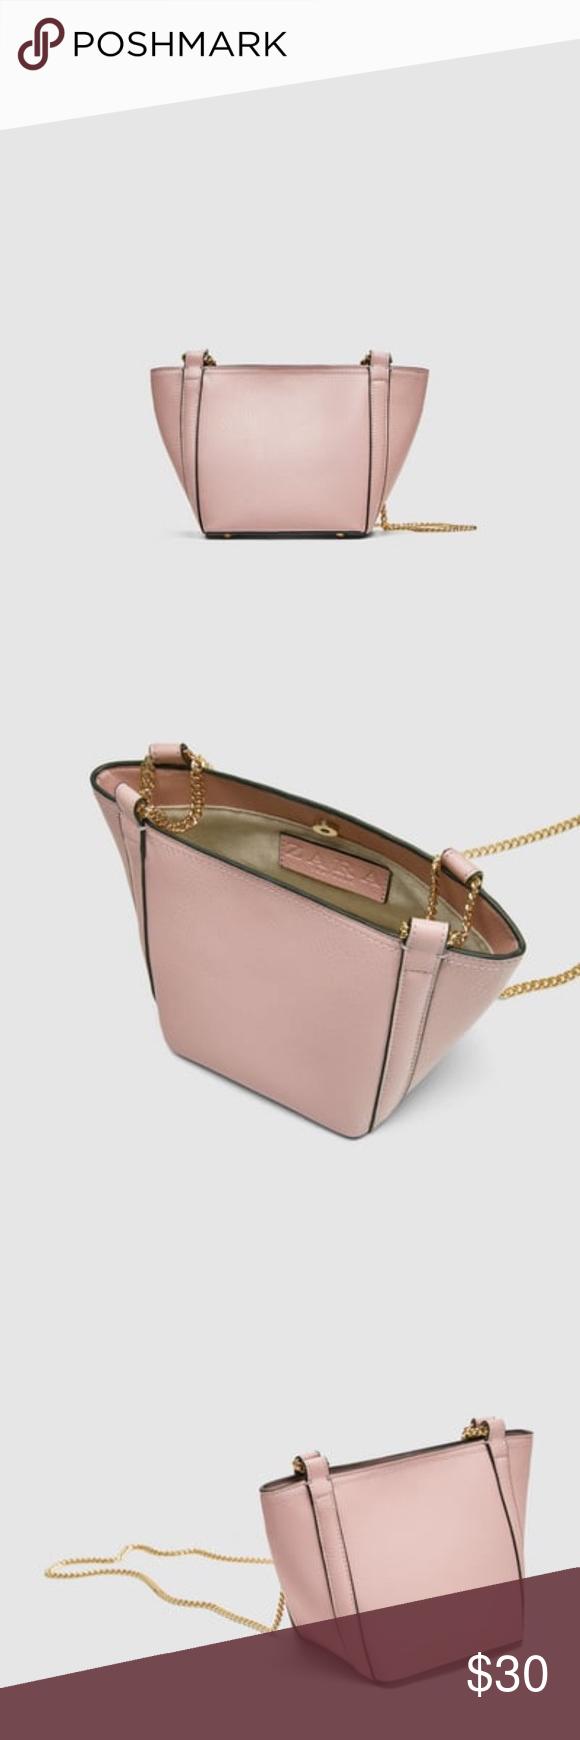 New With Tag Zara Mini Bucket Bag New With Tag Zara Mini